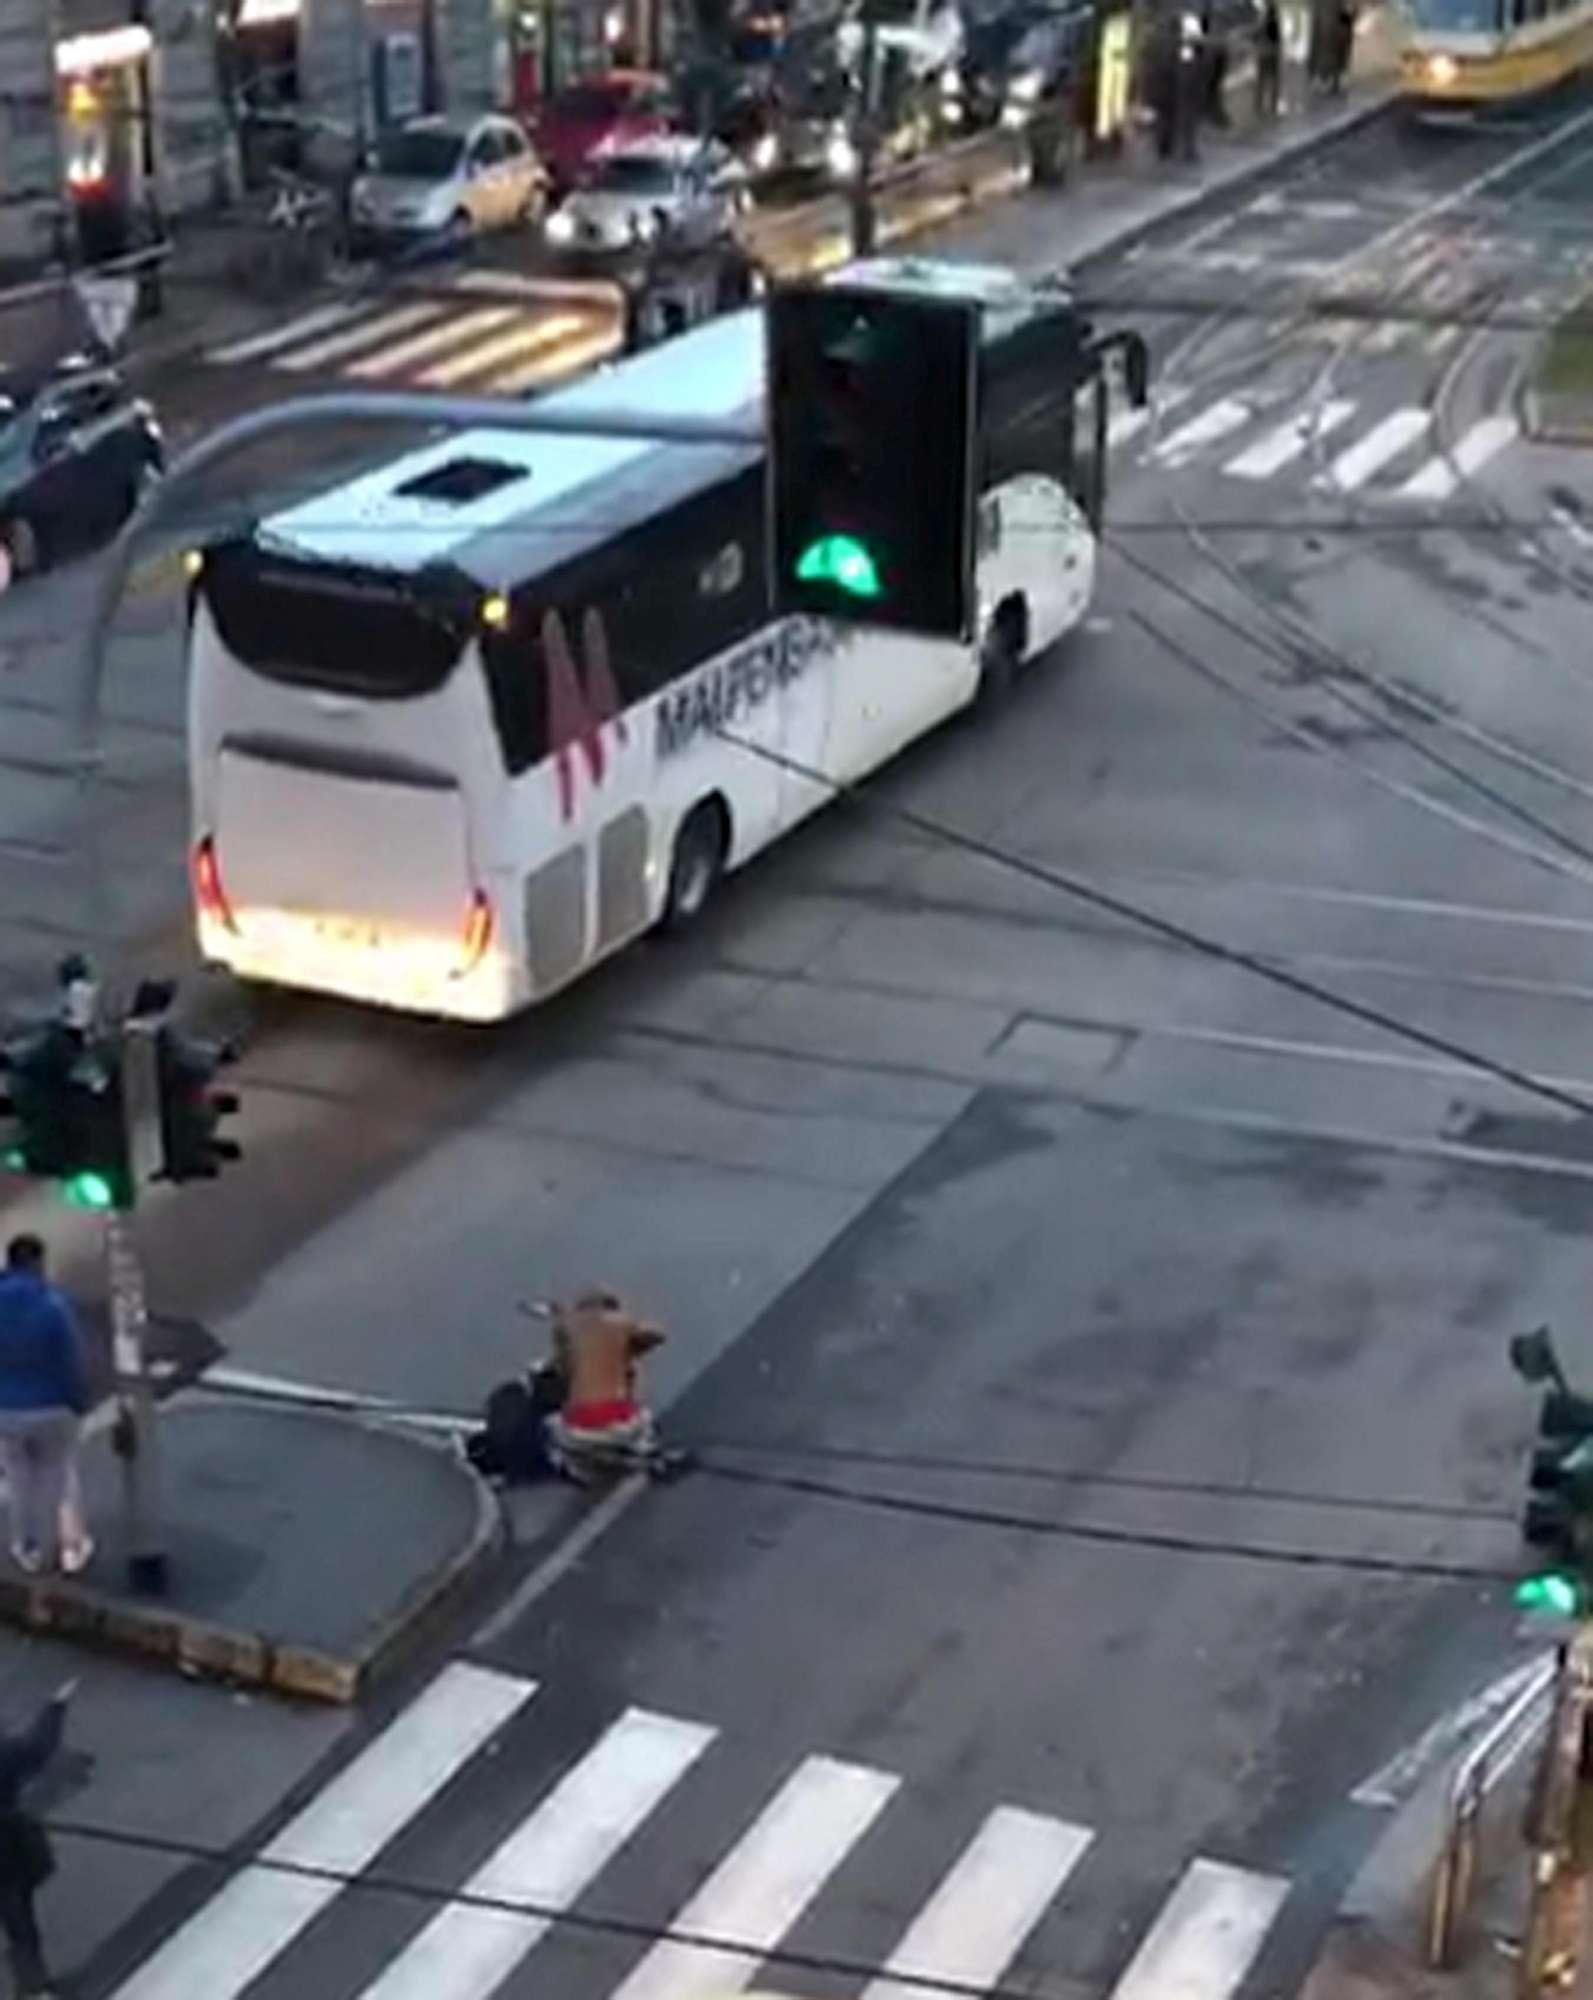 Milano, accoltellamento ripreso dai passanti